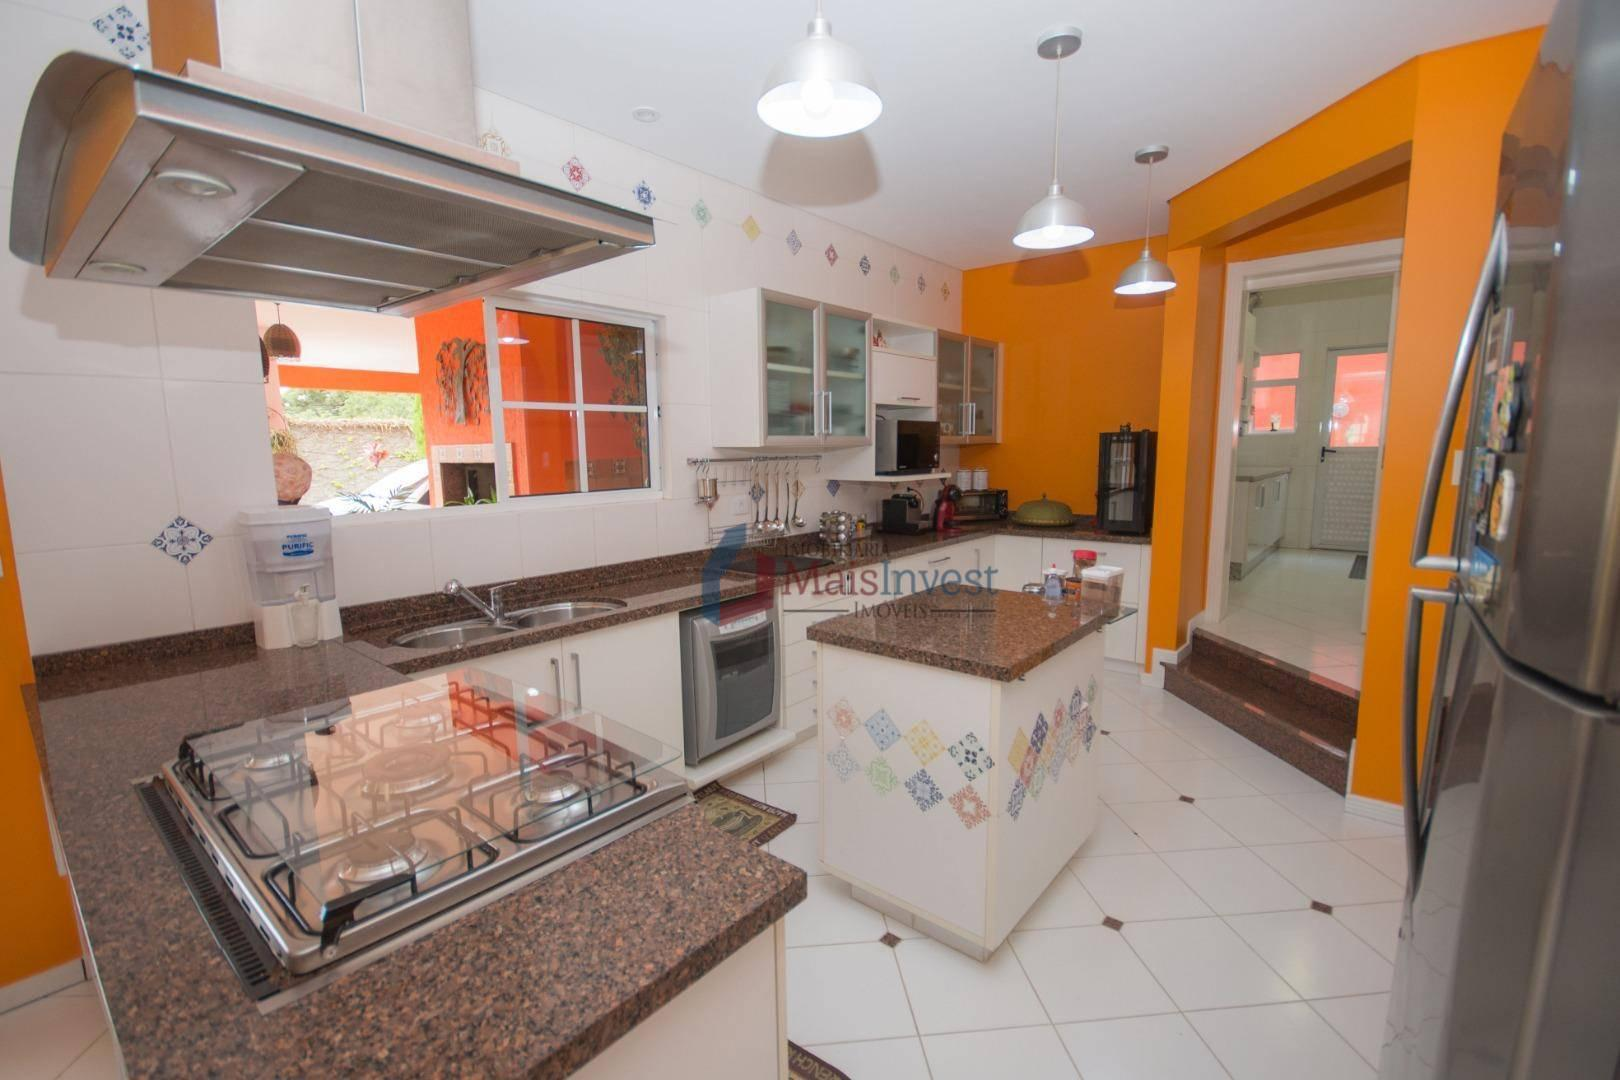 Casa com 3 dormitórios à venda, 337 m² por R$ 1.970.000 - Alphaville Graciosa - Pinhais/PR